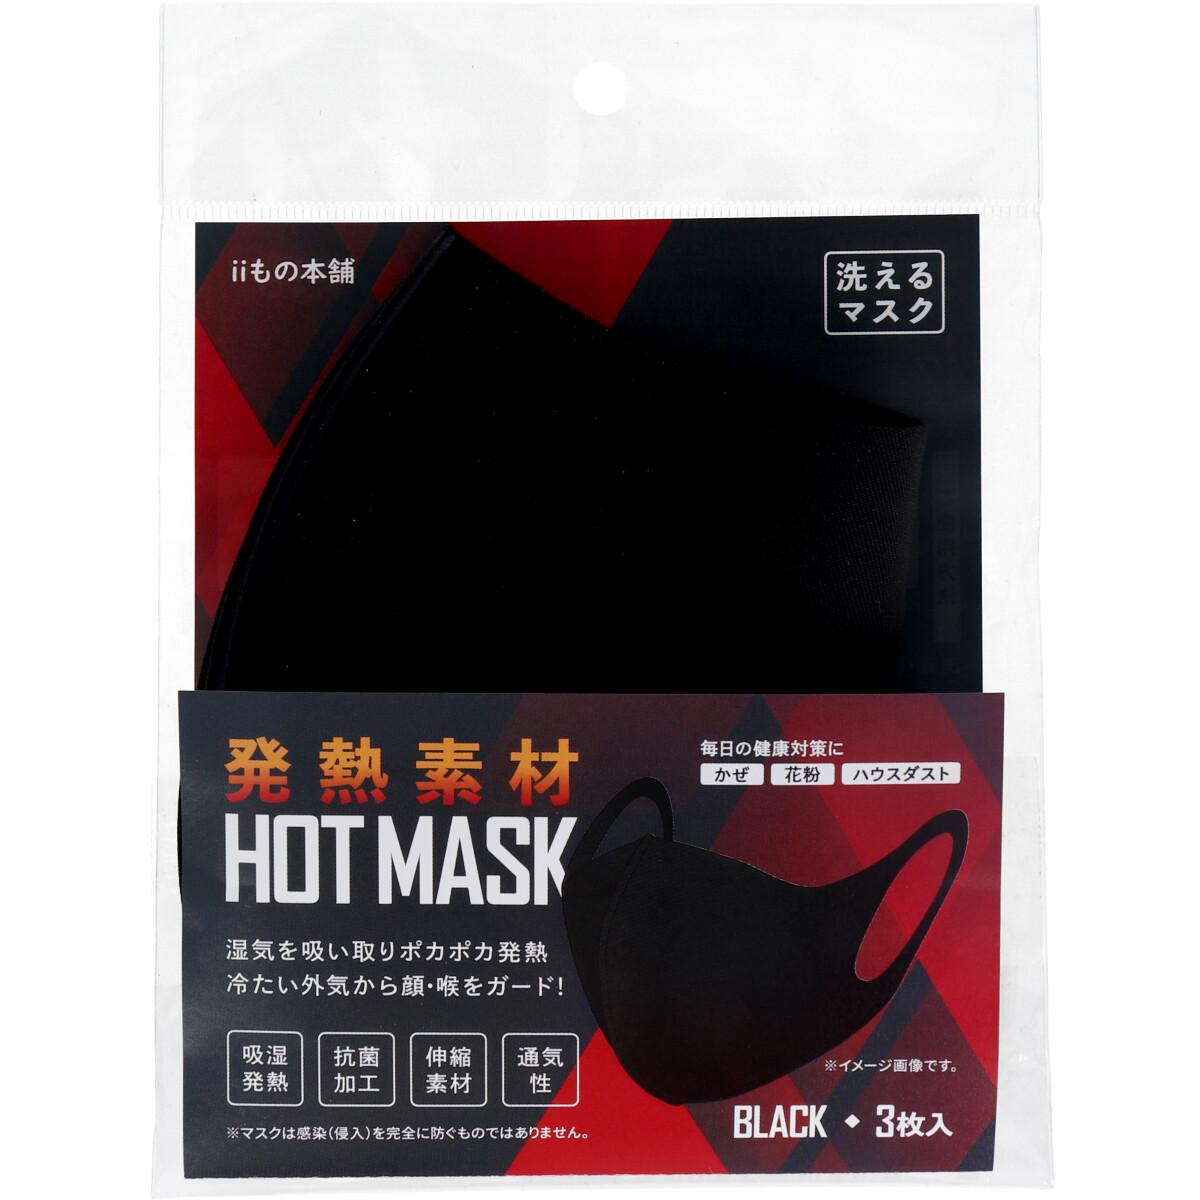 発熱素材 ホットマスク ブラック 3枚入